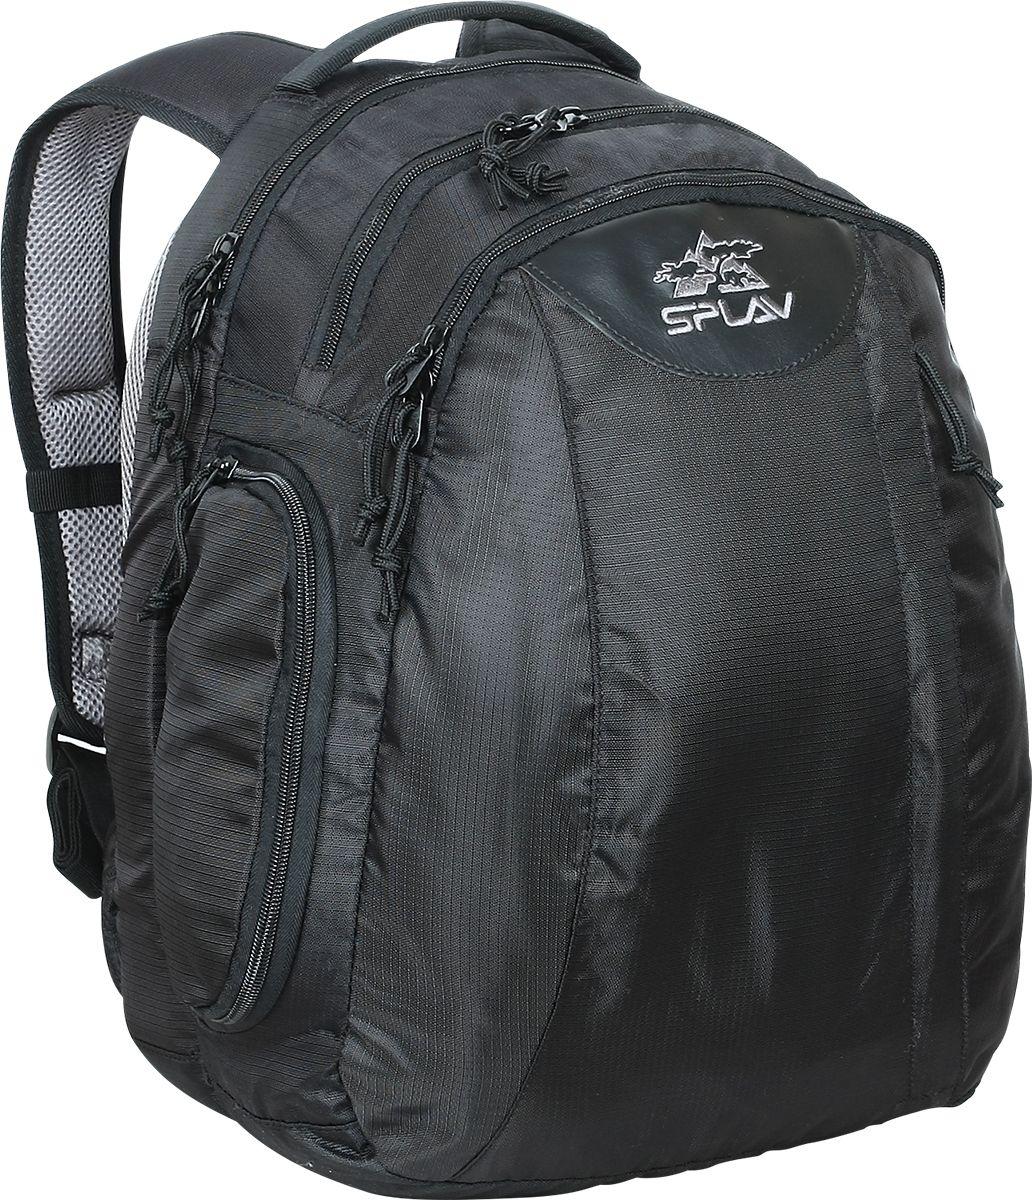 Рюкзак туристический Сплав Flipper, цвет: черный, 28 л5028040Комфортный городской рюкзак с тремя отделениями, для повседневного использования и работы. Рюкзак имеет три независимых отделения с многочисленными внутренними карманами и большой фронтальный карман с органайзером. Основная масса внутренних карманов повернута на 90 градусов. Такое расположение, а также сдвинутые на одну сторону молнии основных отсеков, дают возможность, не снимая рюкзака с правого плеча иметь доступ ко всему содержимому рюкзака. Ближнее к спине отделение имеет место для фиксации ноутбука, а его стенки продублированы для жесткости «пенкой». Также в этом отделении есть два больших сетчатых кармана на молниях. На одной боковой стенке имеется раскрываемый карман для фляги или других предметов. Выход для наушников. Две дополнительных ручки для переноски, cверху и сбоку рюкзака. Анатомические лямки имеют регулируемую грудную стяжку.Объем: 28 л Вес: 0,95 кг Габариты: 35 х 45 х 20 см Основная ткань: Polyester 420D Пластиковая фурнитура: DuraflexЧто взять с собой в поход?. Статья OZON Гид